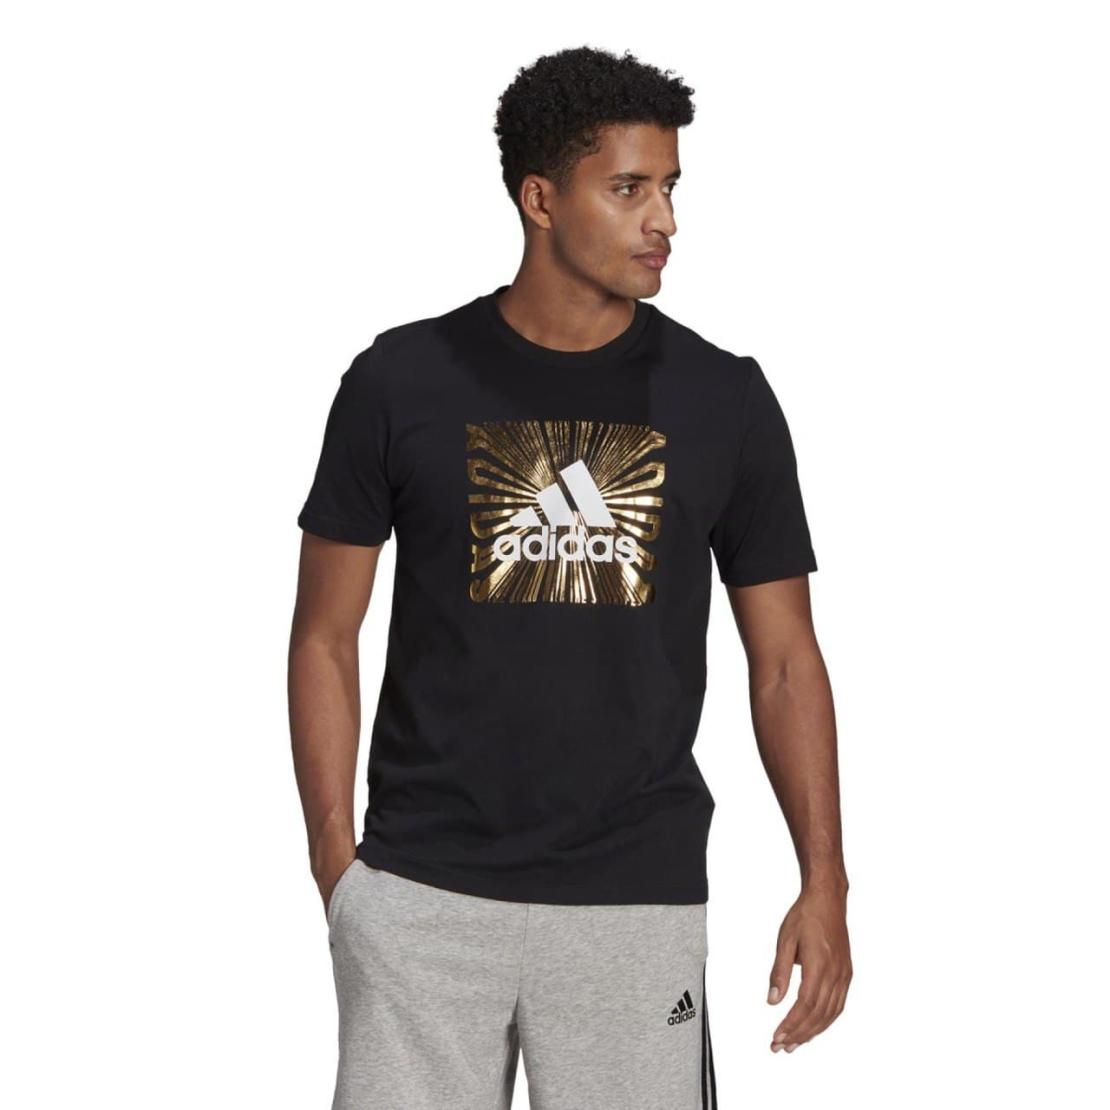 חולצת אדידס גברים   Adidas Essentials Tee